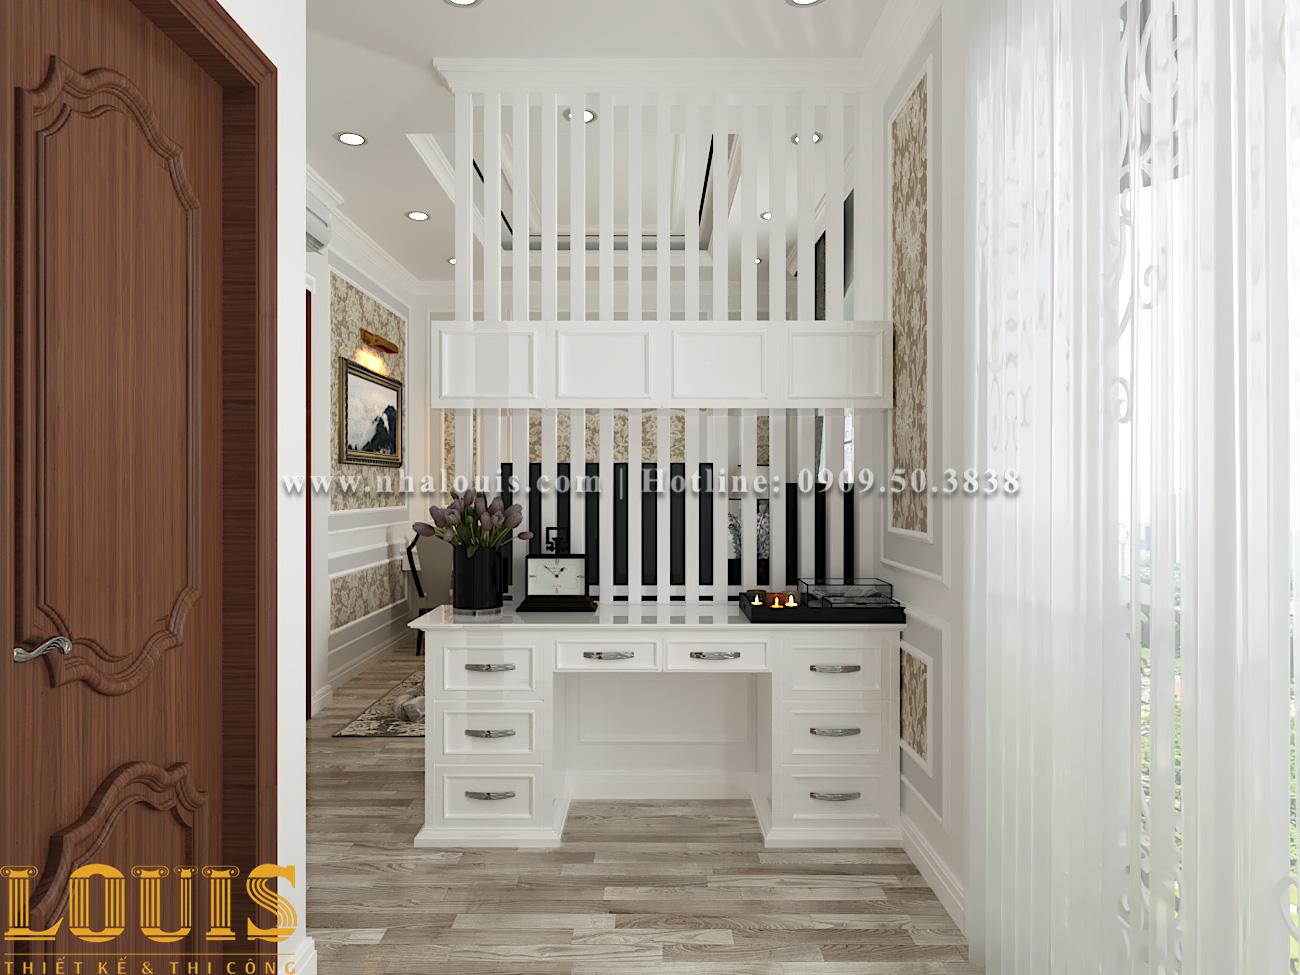 Phòng ngủ Mẫu nhà ống tân cổ điển 4 tầng tại Gò Vấp đẹp sang chảnh - 27